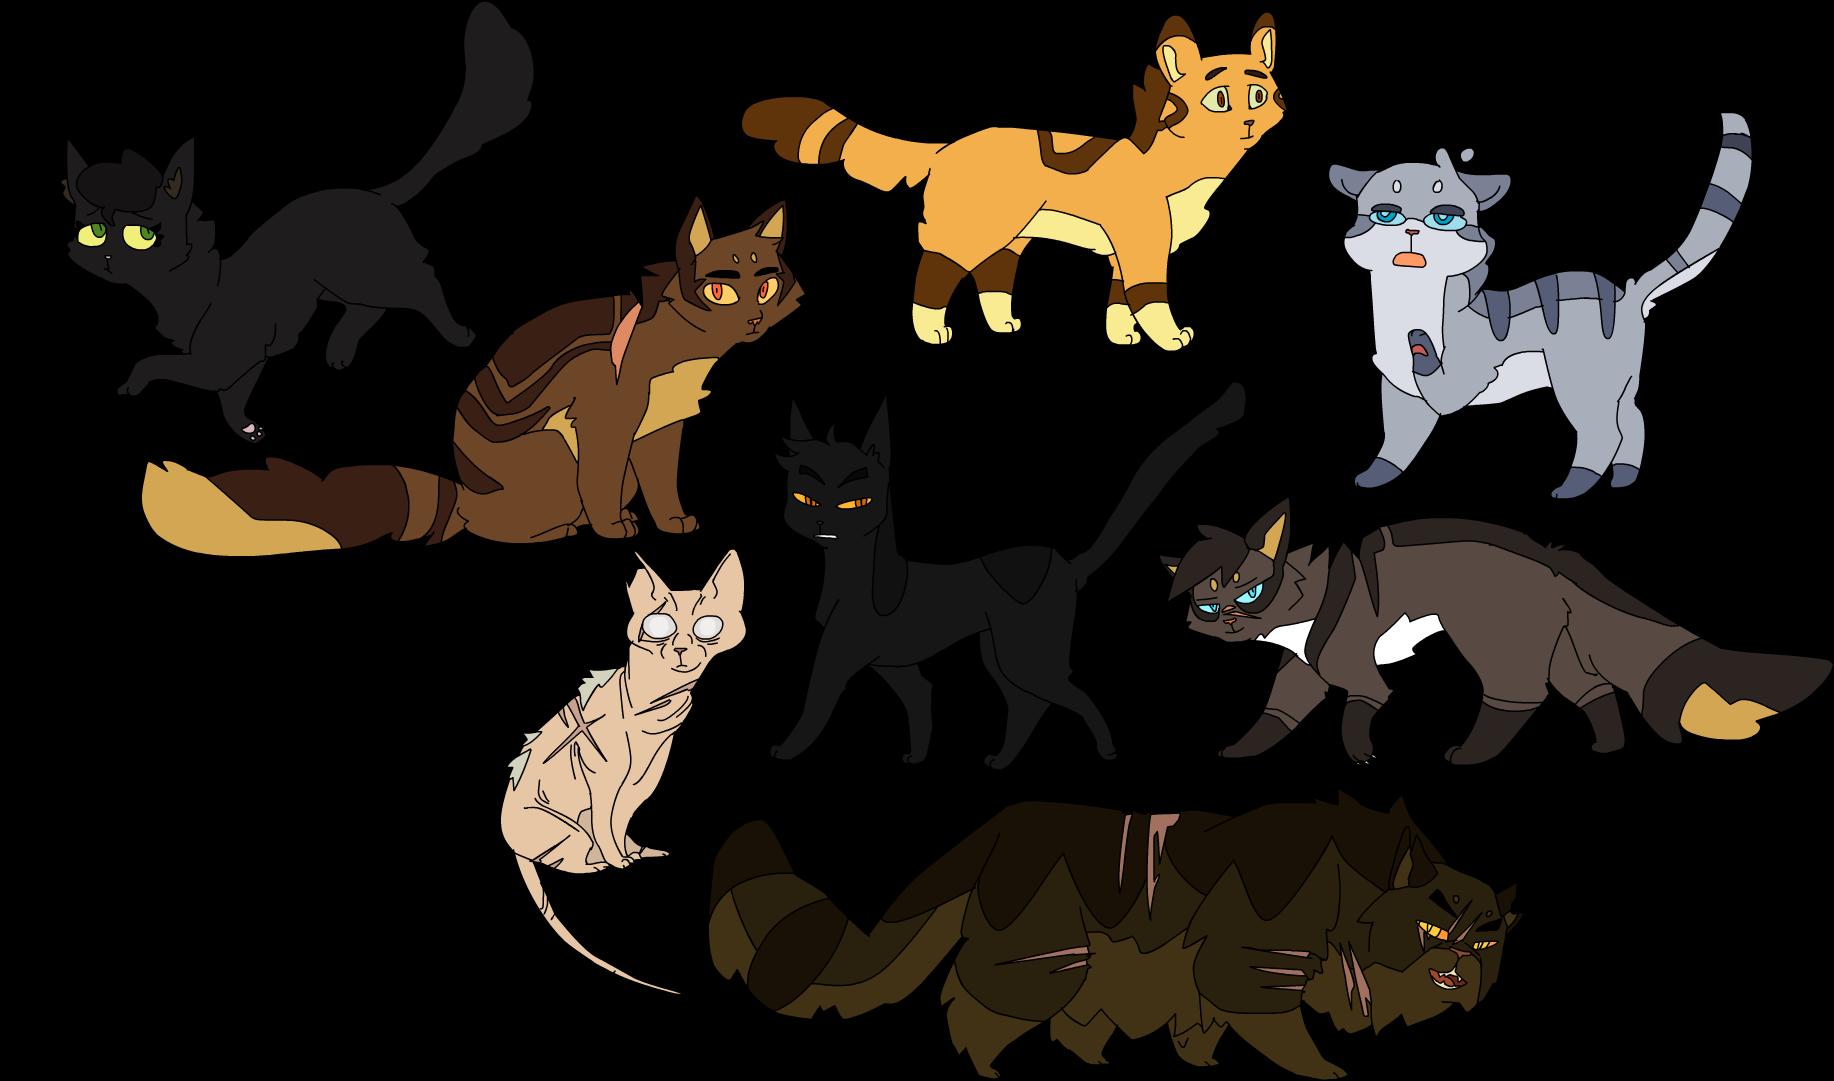 Картинки с котами воителями для срисовки грозовое племя